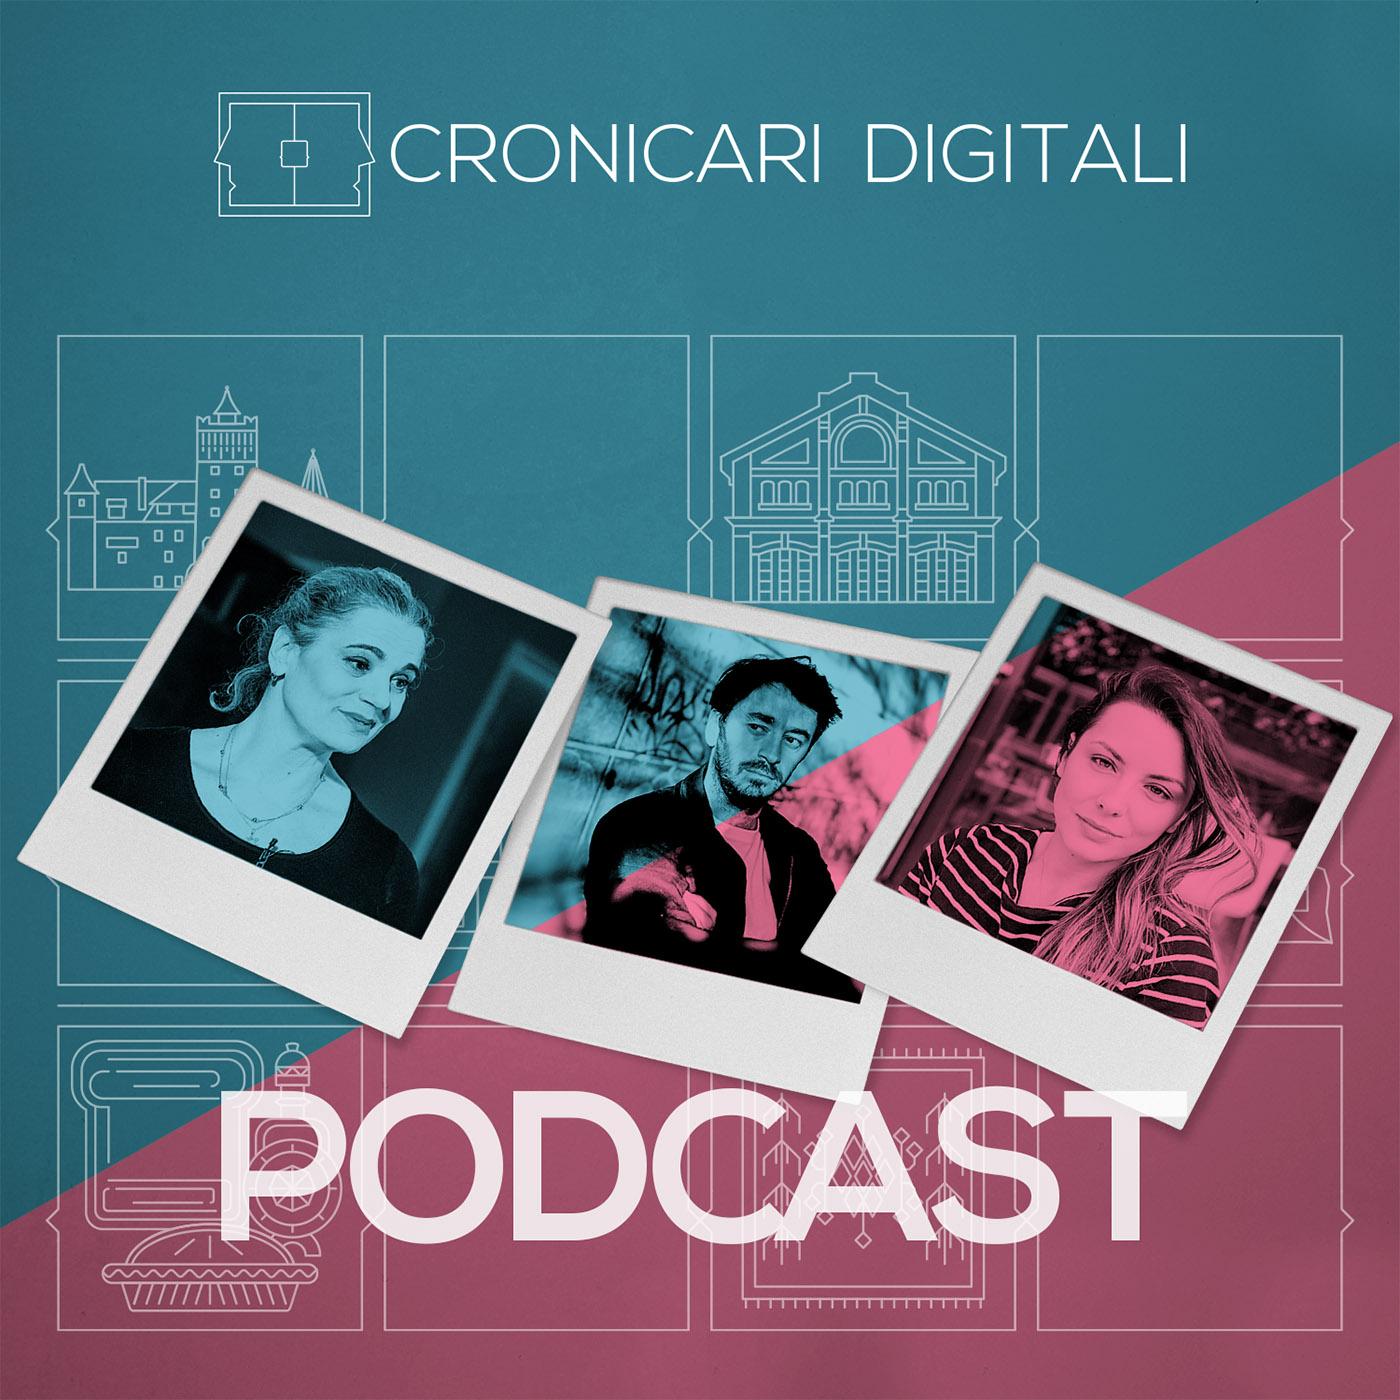 #cronicaridigitali S3 episod 9, Invitați Maia Morgenstern, Cristian Movilă și Cristina Mazilu